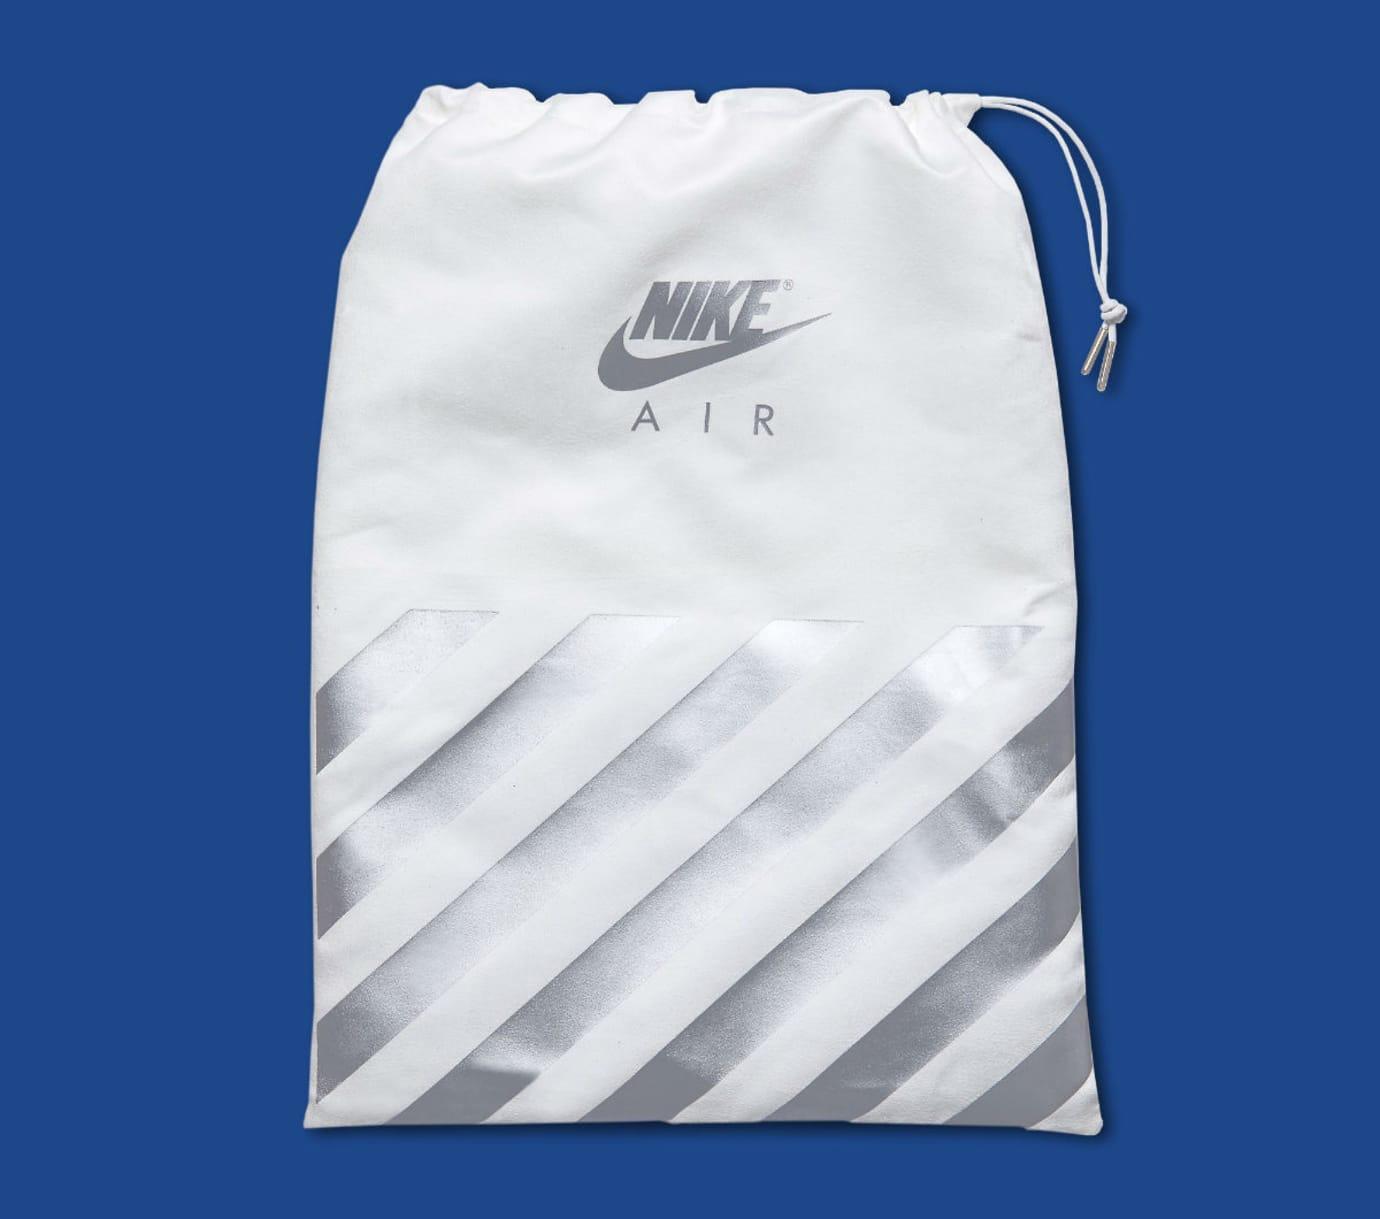 Nike Air Max 1 Anniversary Royal Release Date Bag 908375-101